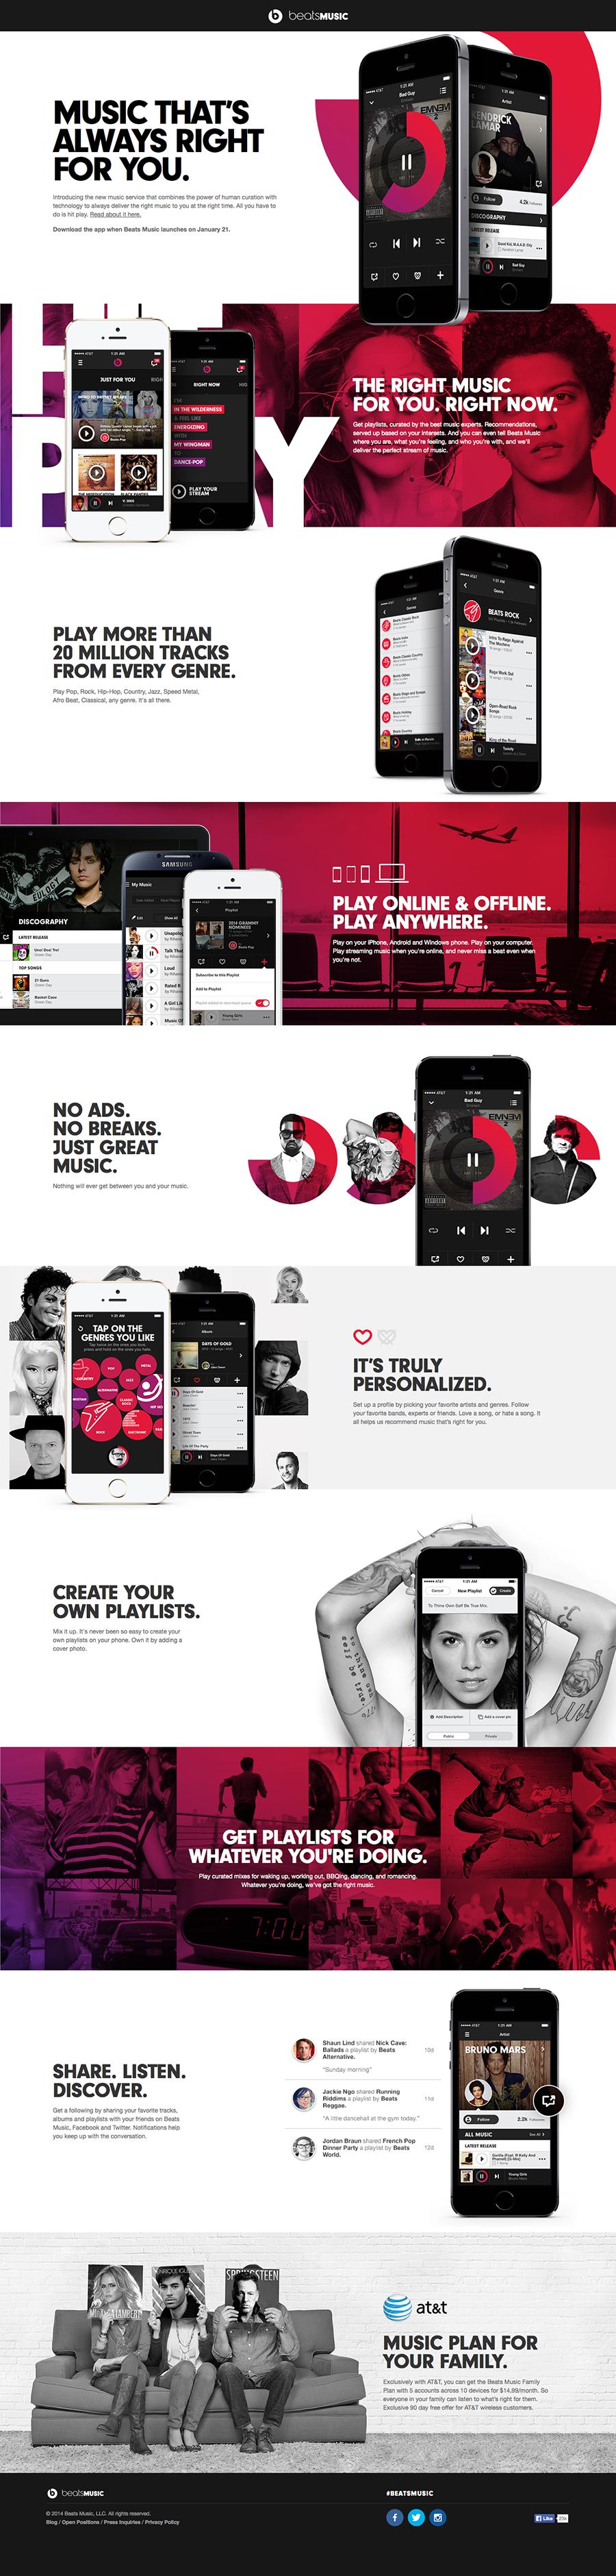 Cool Web Design, beatsmusic. #webdesign #webdevelopment [http://www.pinterest.com/alfredchong/]